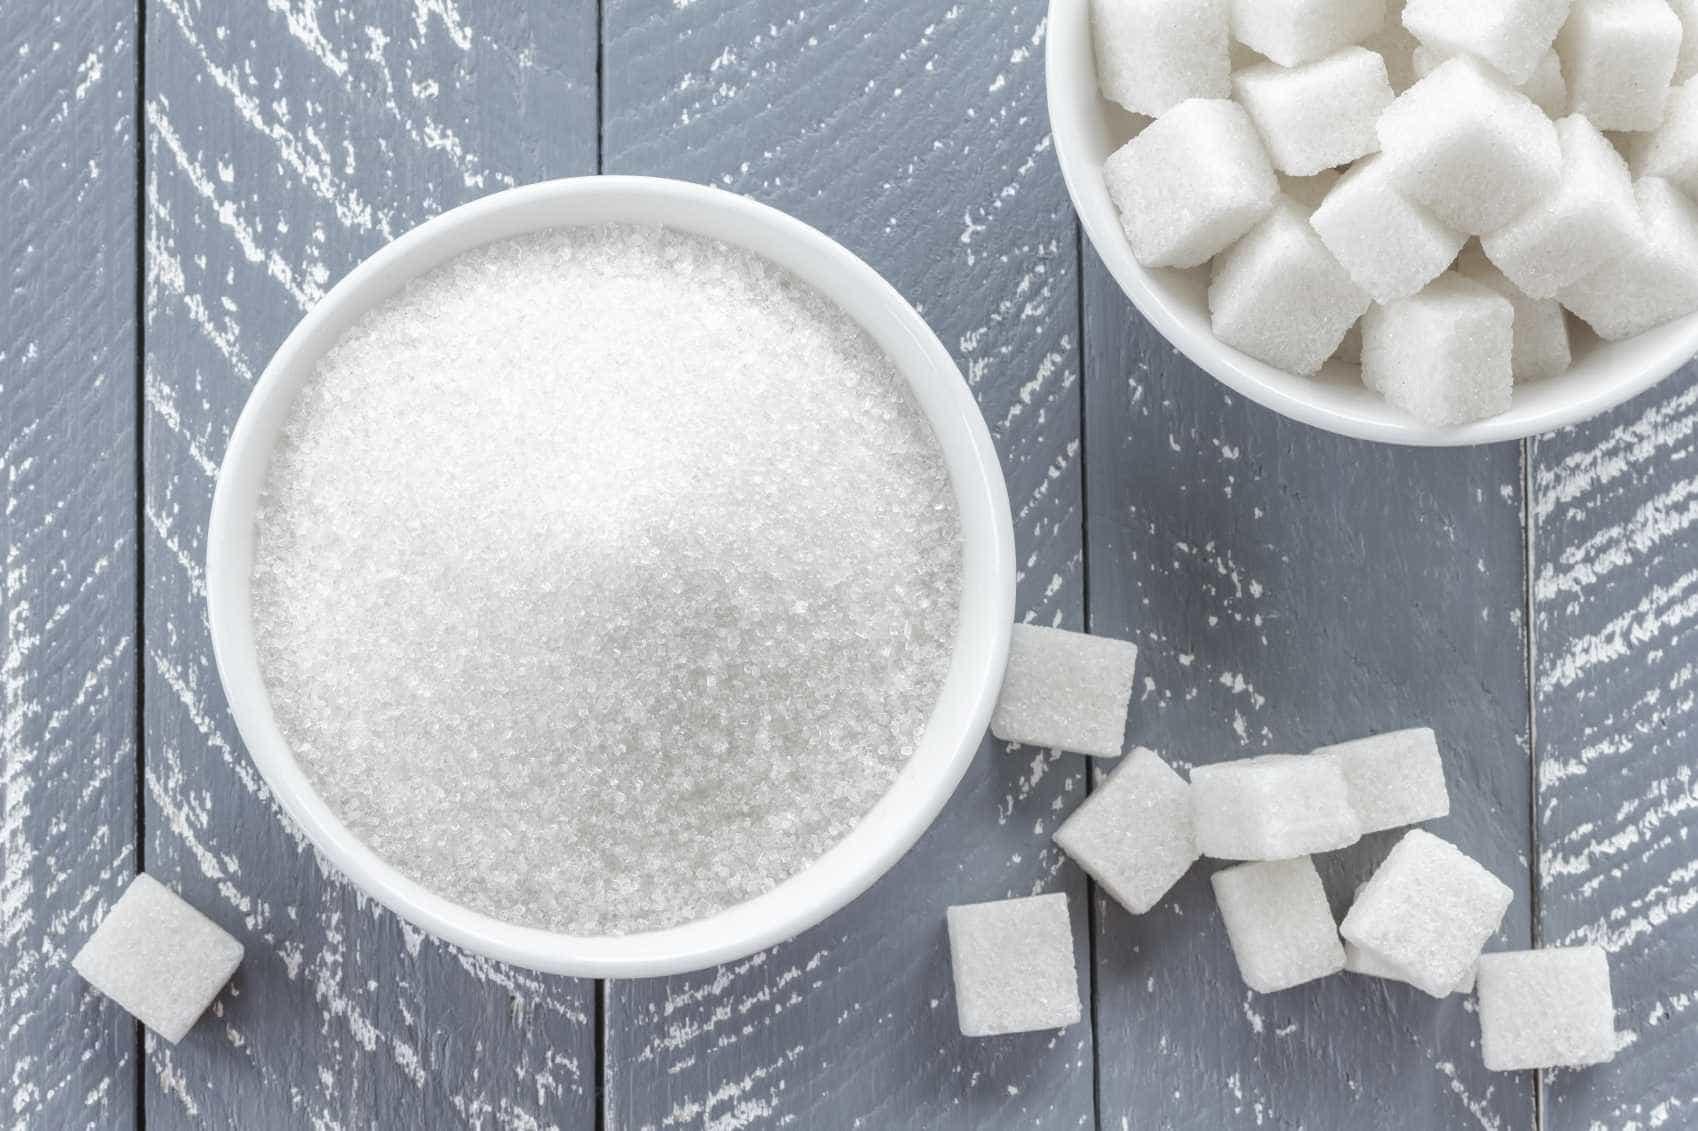 Consumo de açúcar em excesso aumenta em até 17% risco de doenças